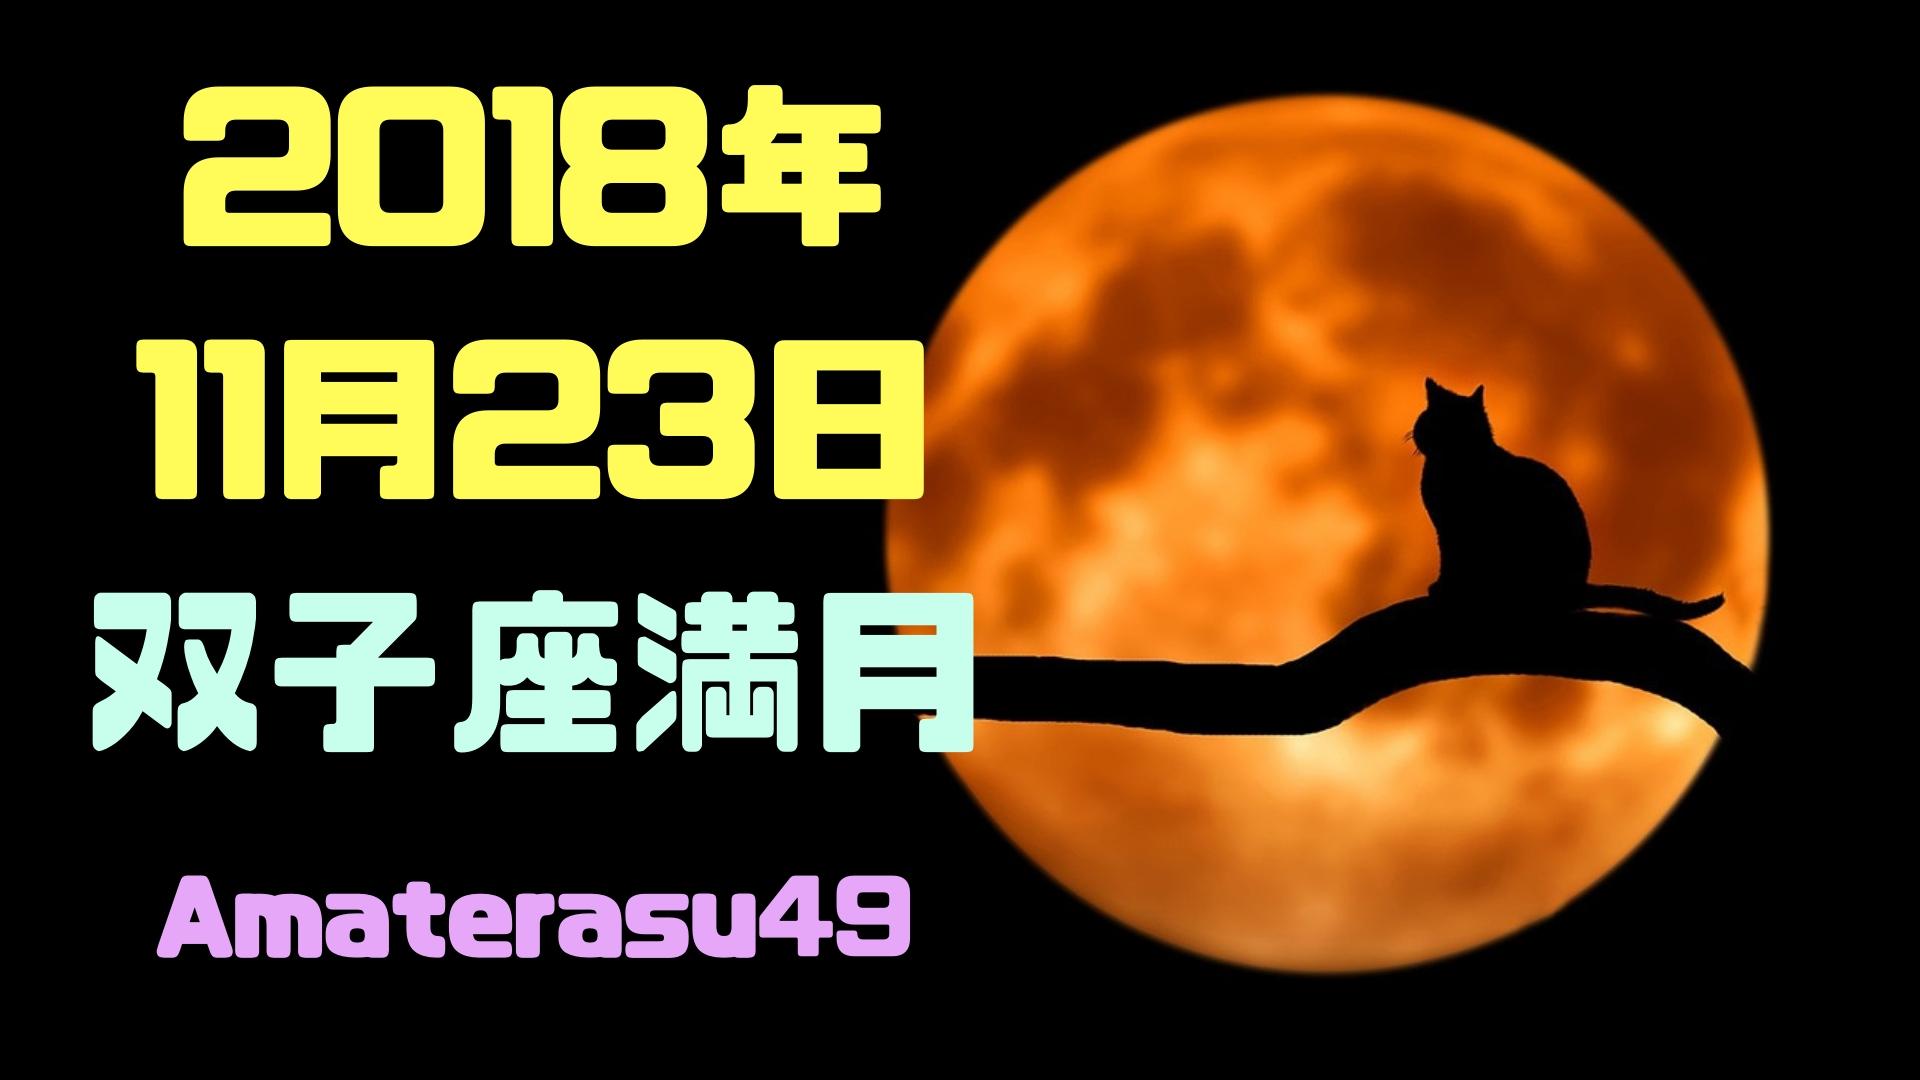 2018年11月23日双子座満月の手放しテーマや改善ワークを紹介!